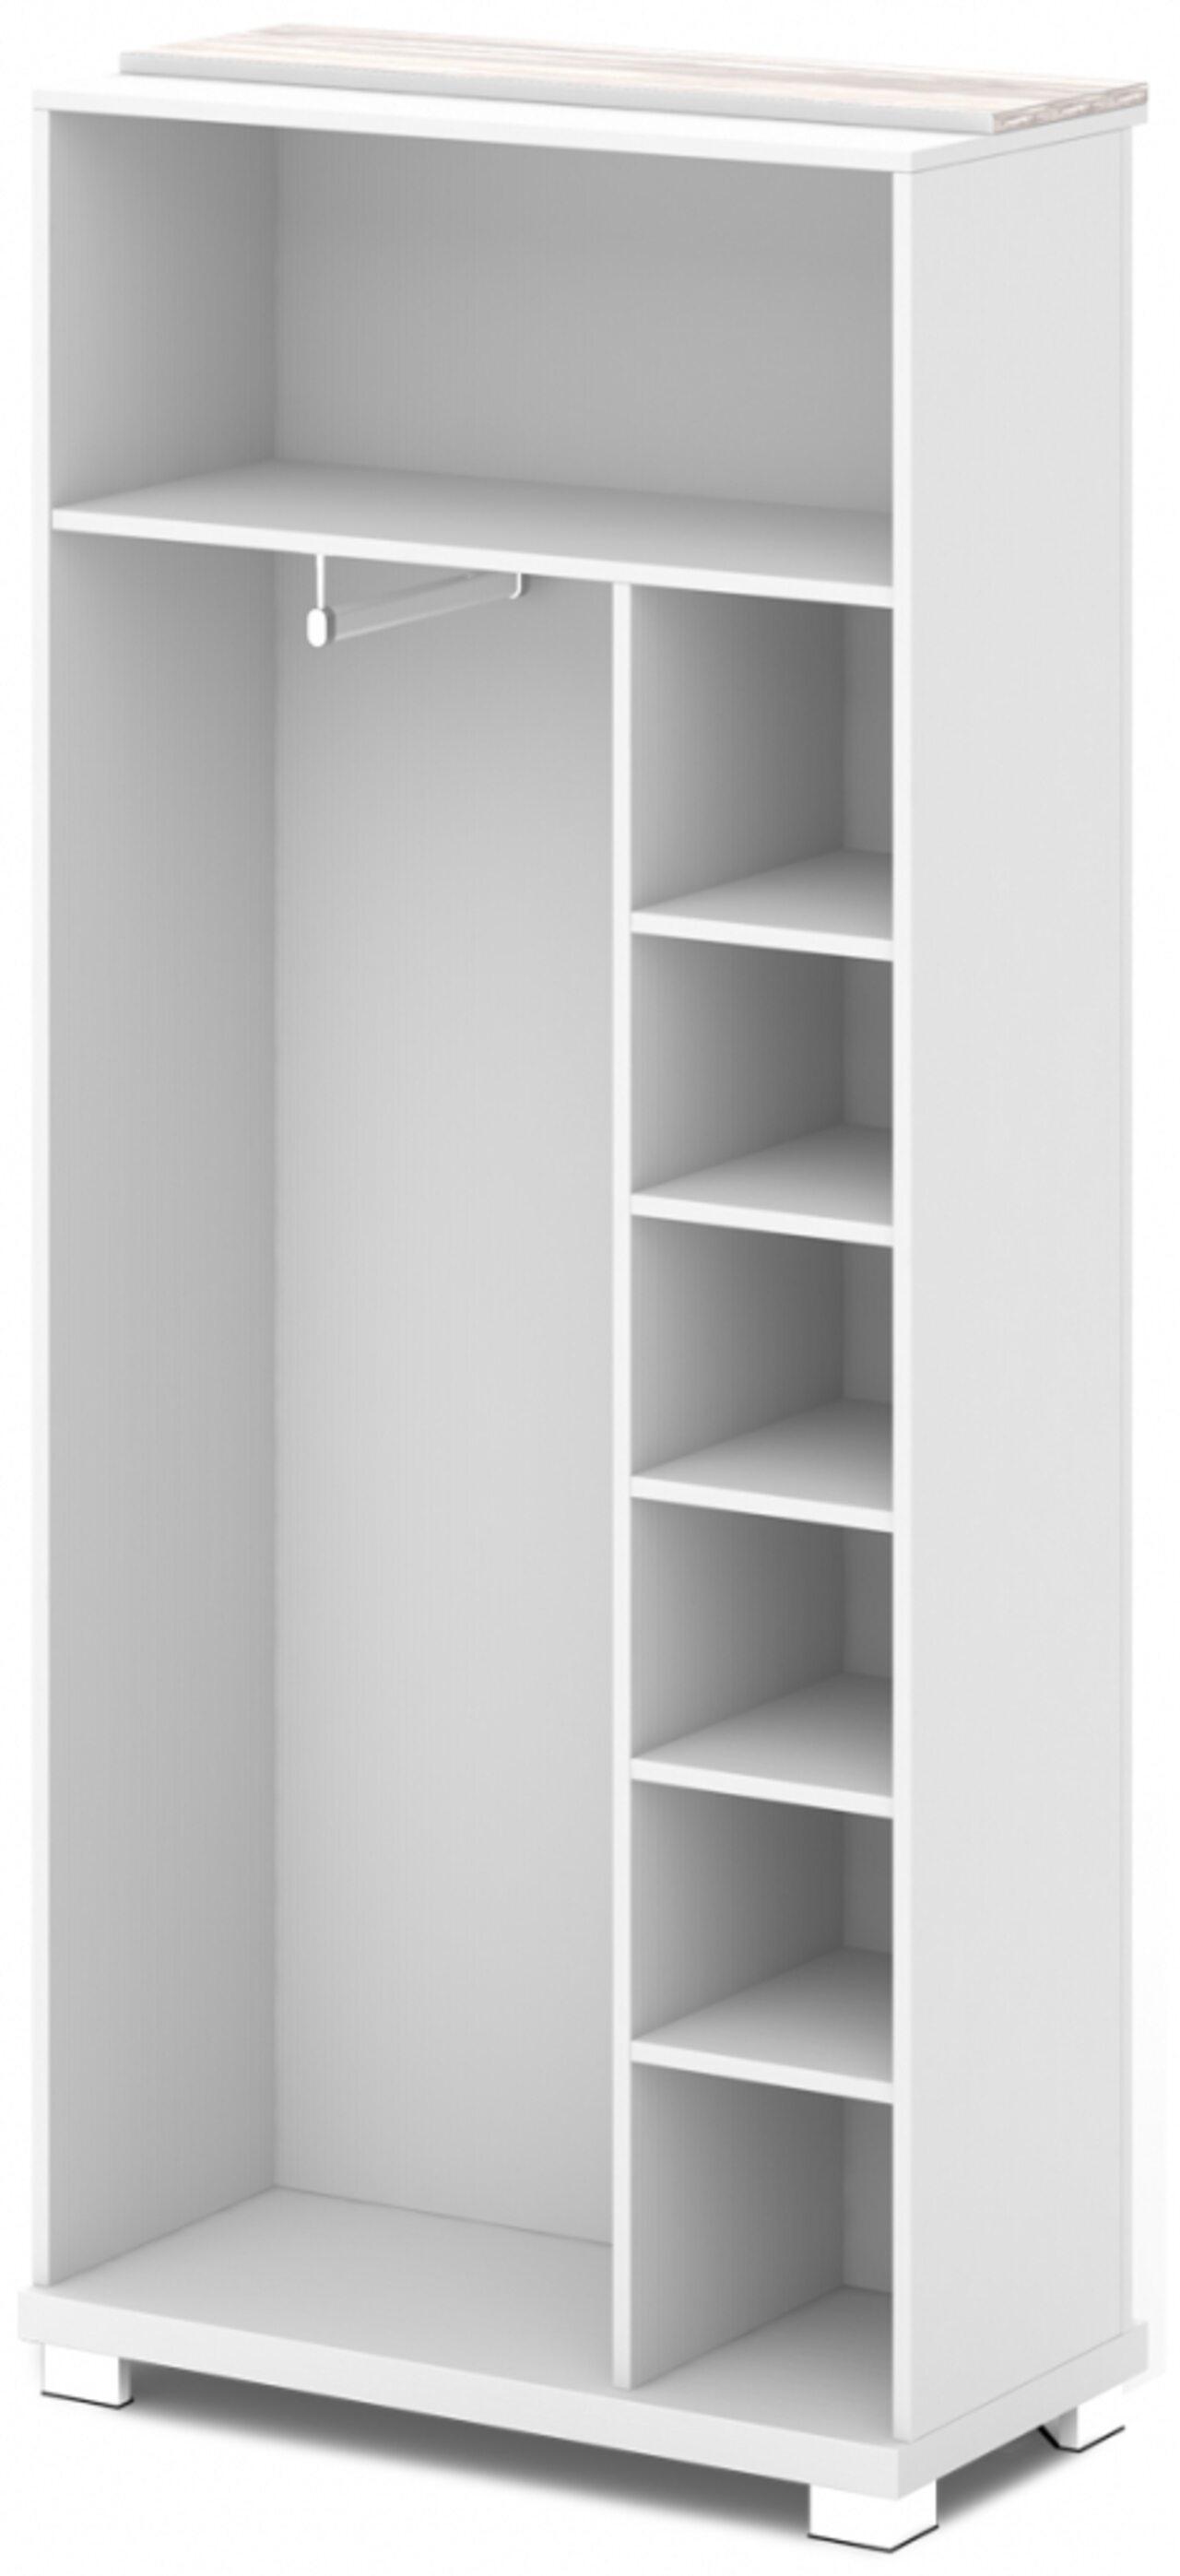 Каркас шкафа для одежды центральный  GRACE 90x44x205 - фото 1